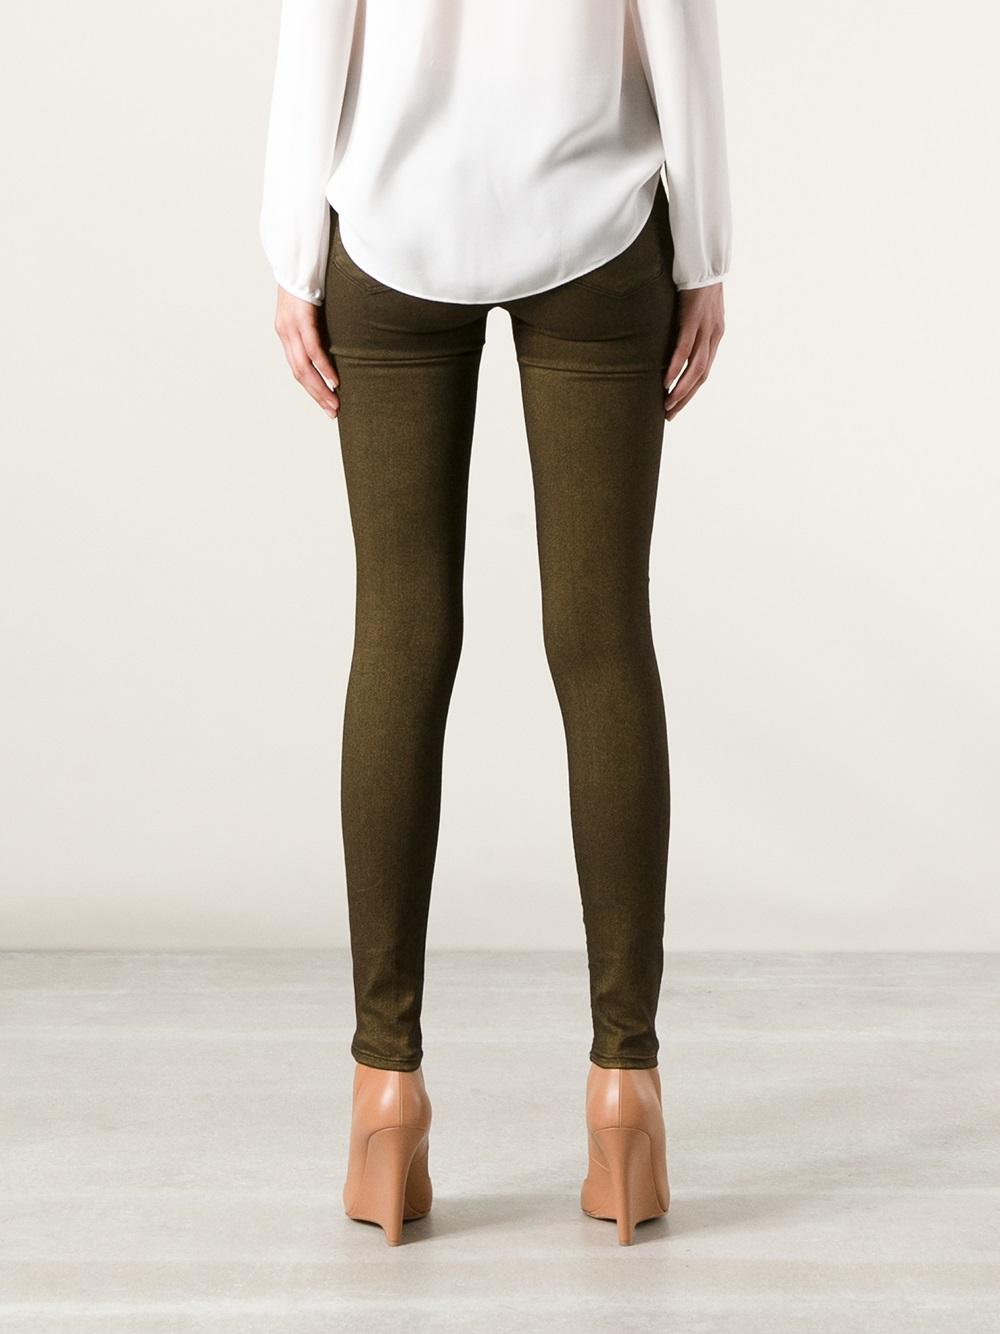 J Brand Nebula Jeans in Brown